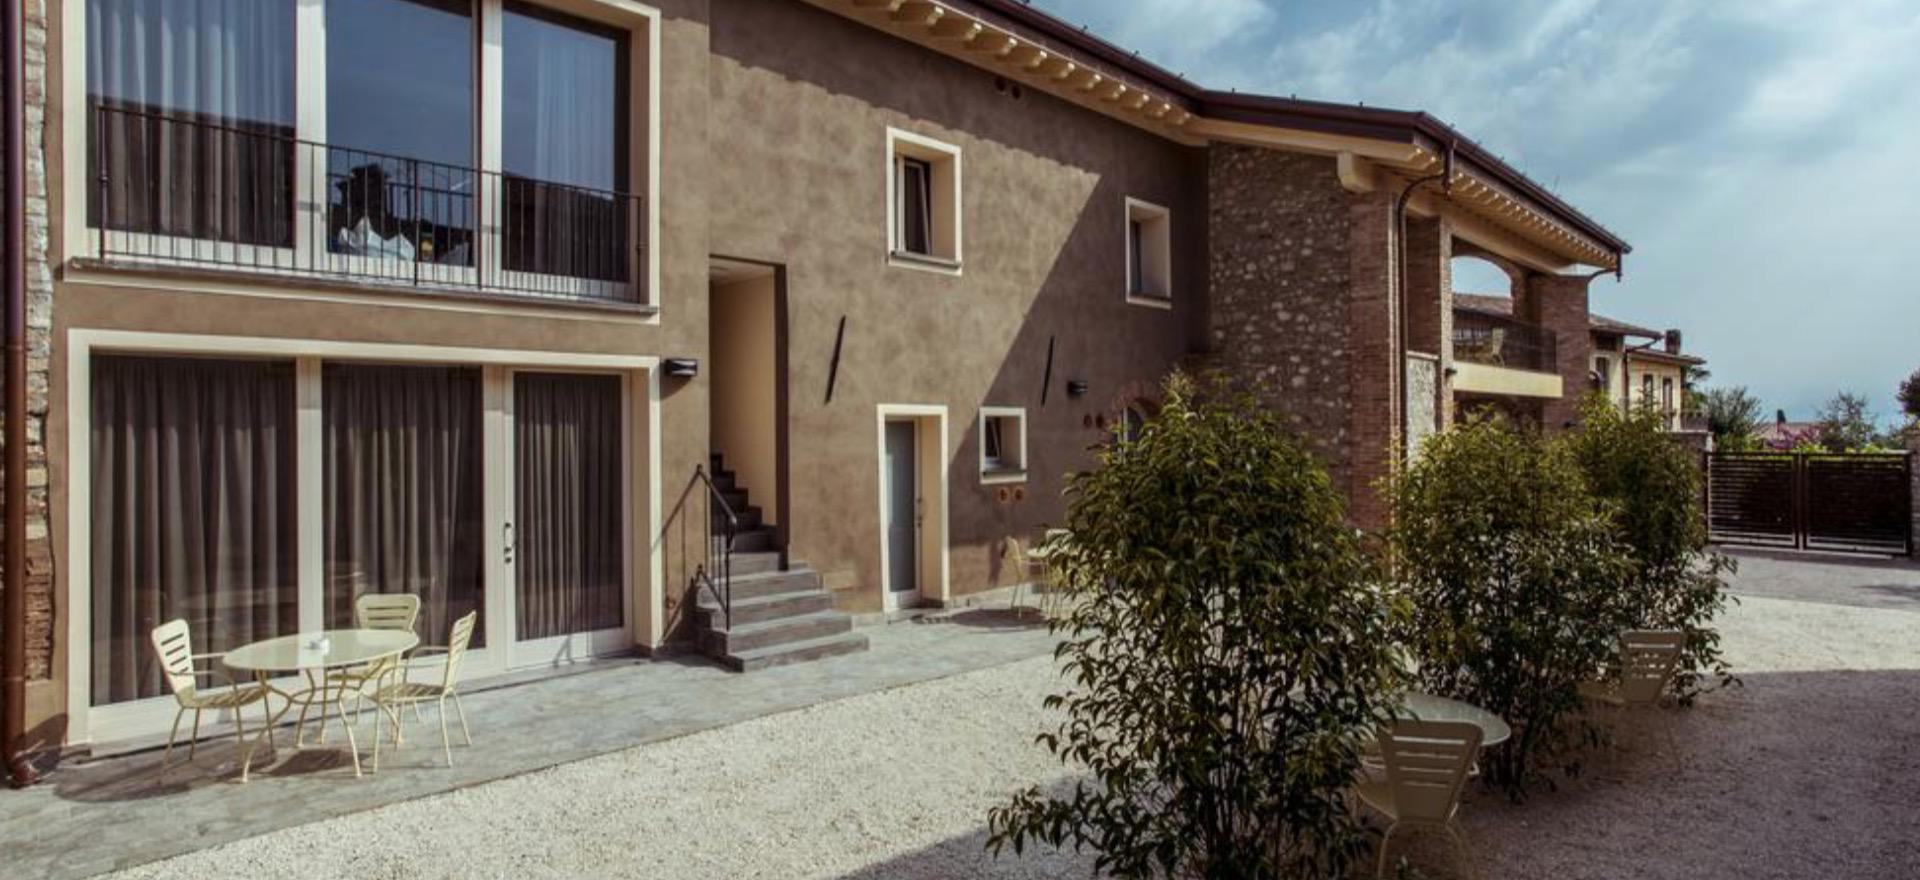 Appartementen in karakteristiek dorpje bij het Gardameer